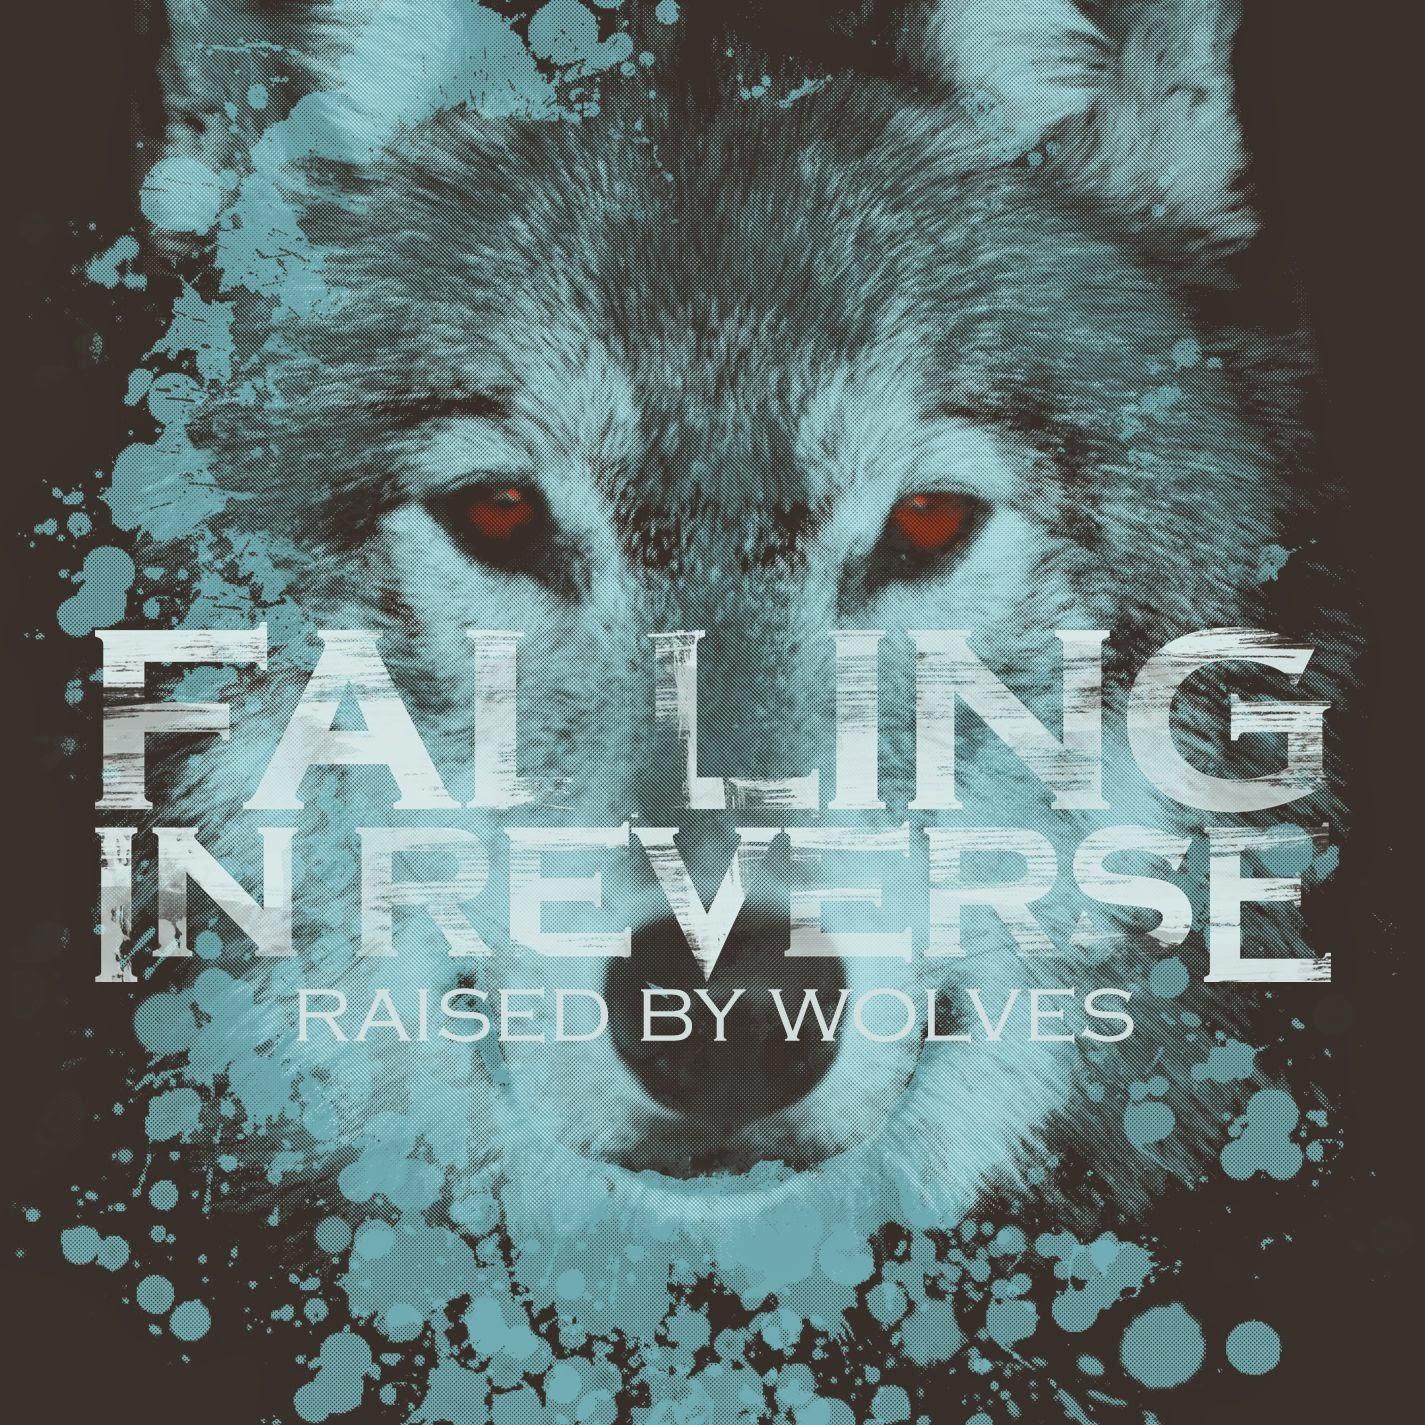 迪鹿 - DeluCat 創作生活: [歌詞翻譯] Falling in Reverse- Raised By Wolves中英歌詞